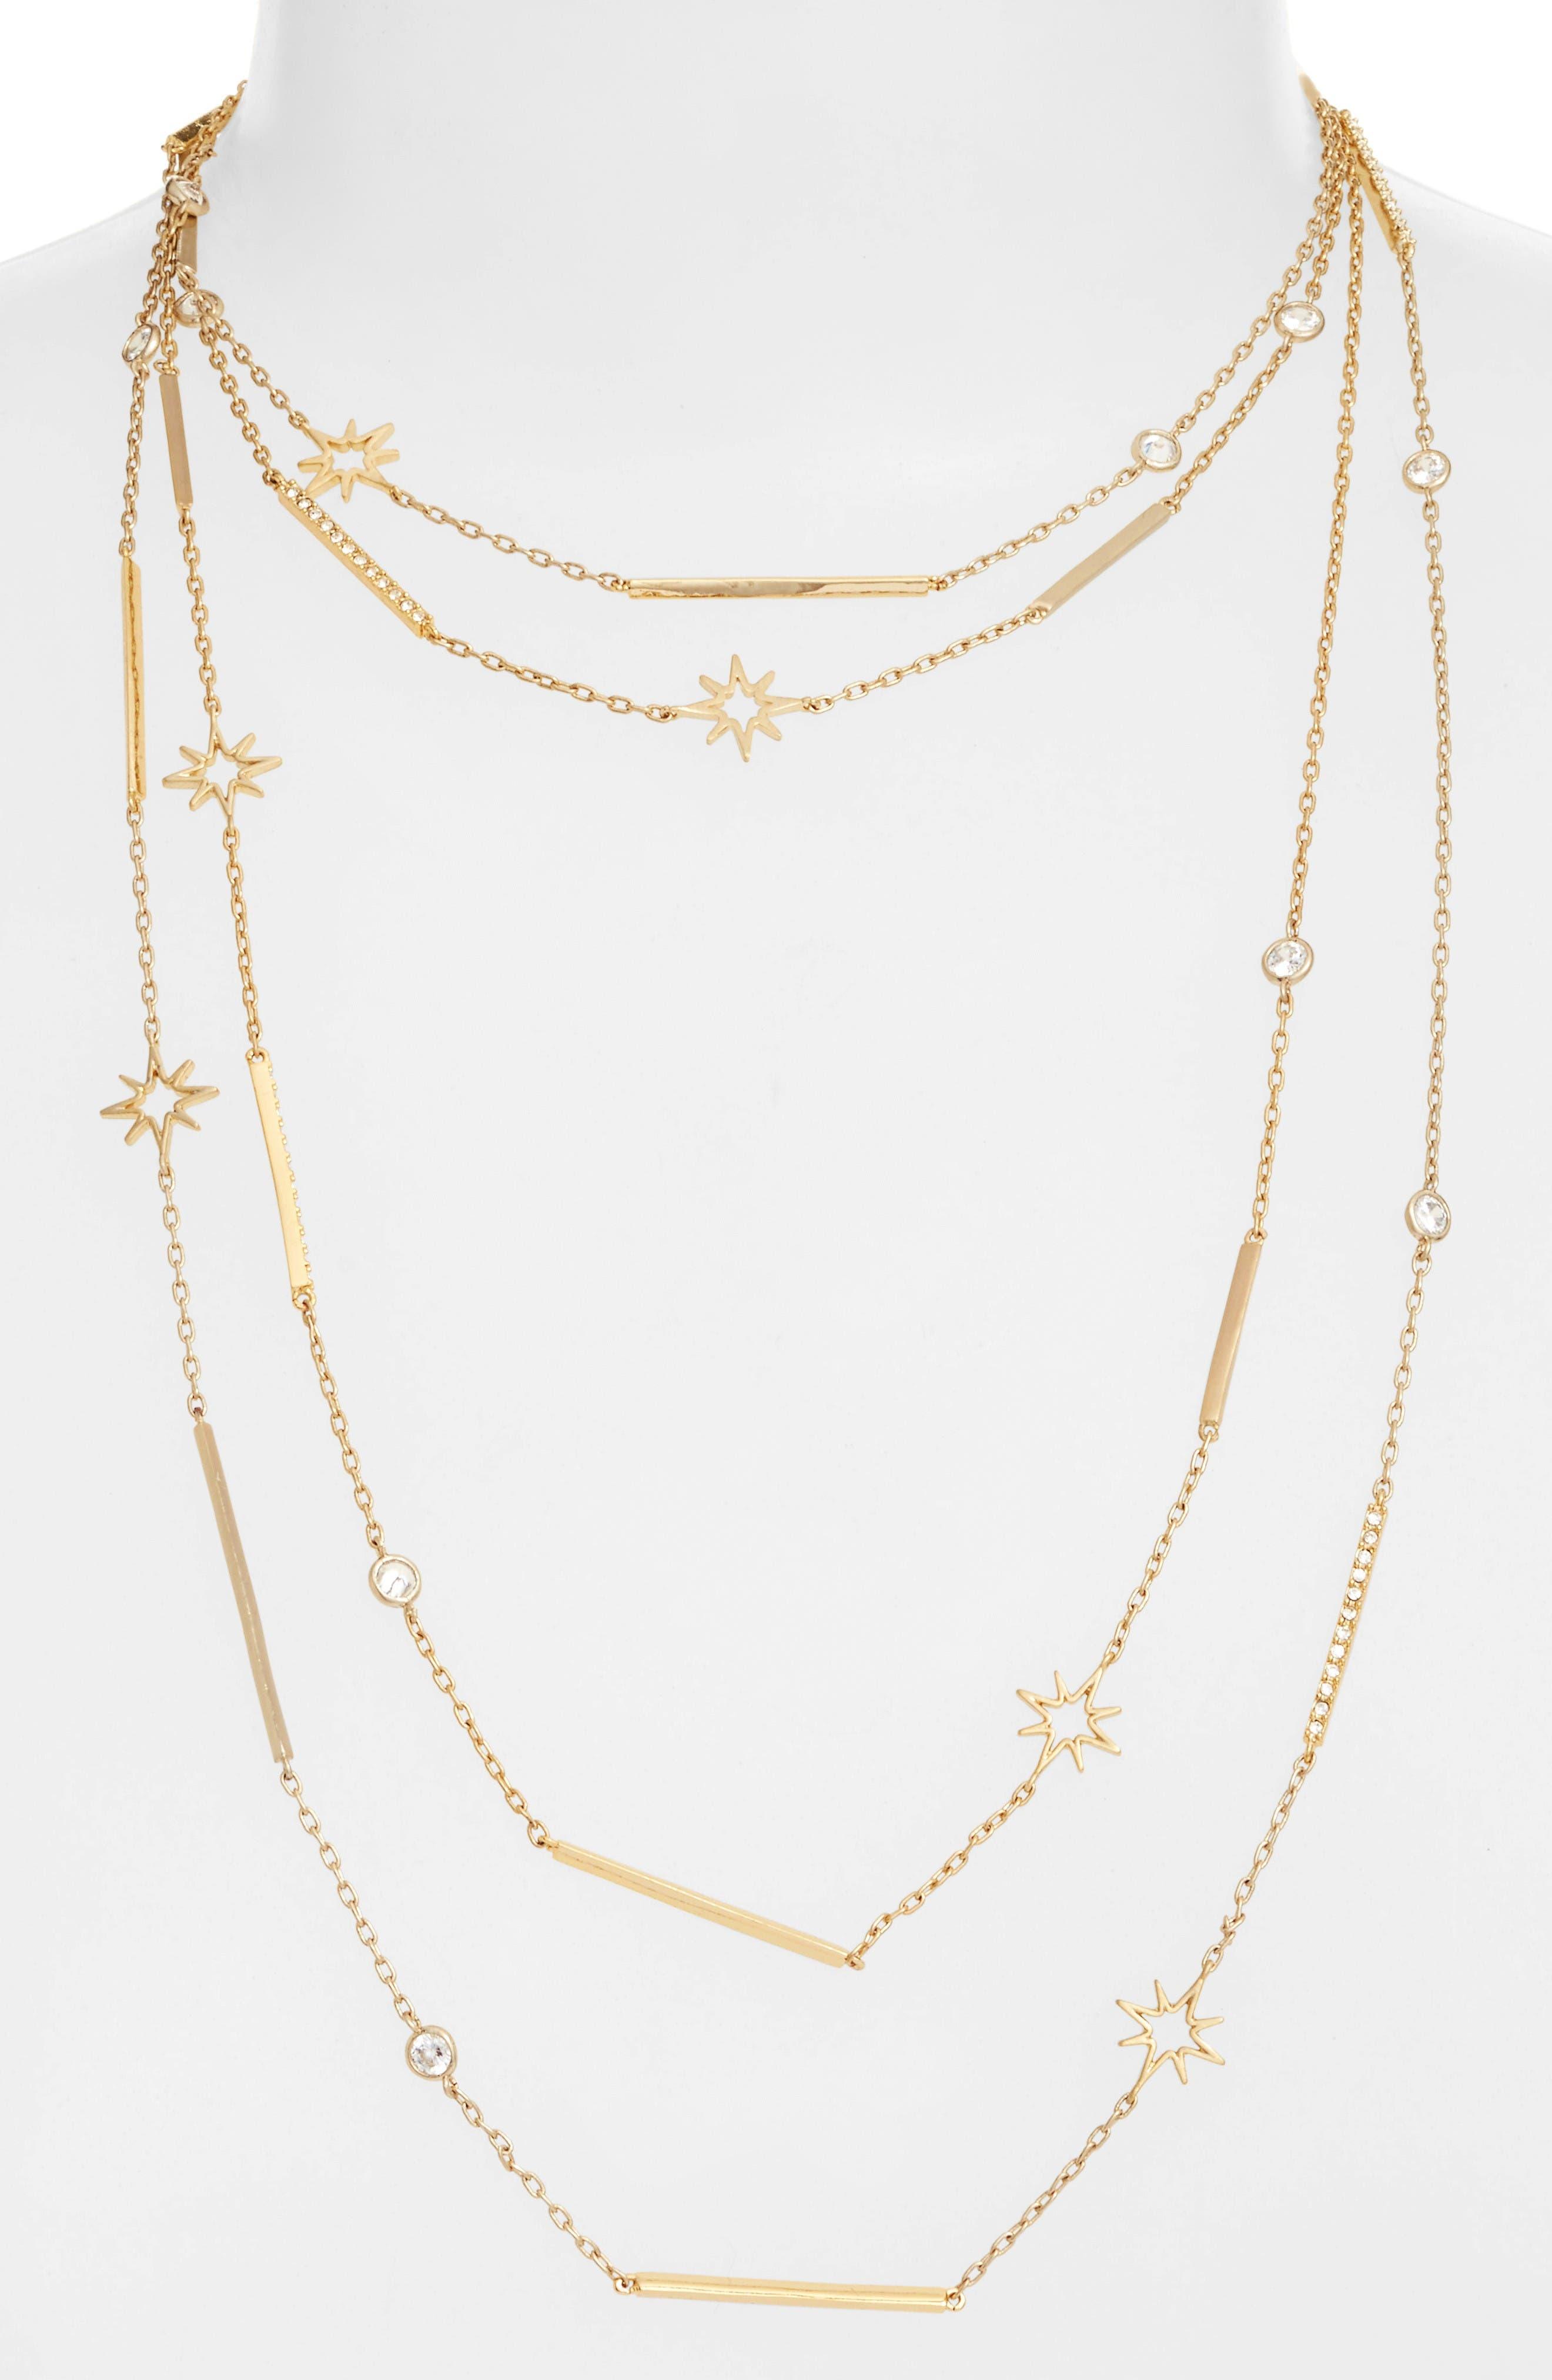 Jenny Packham Stardust Multistrand Necklace